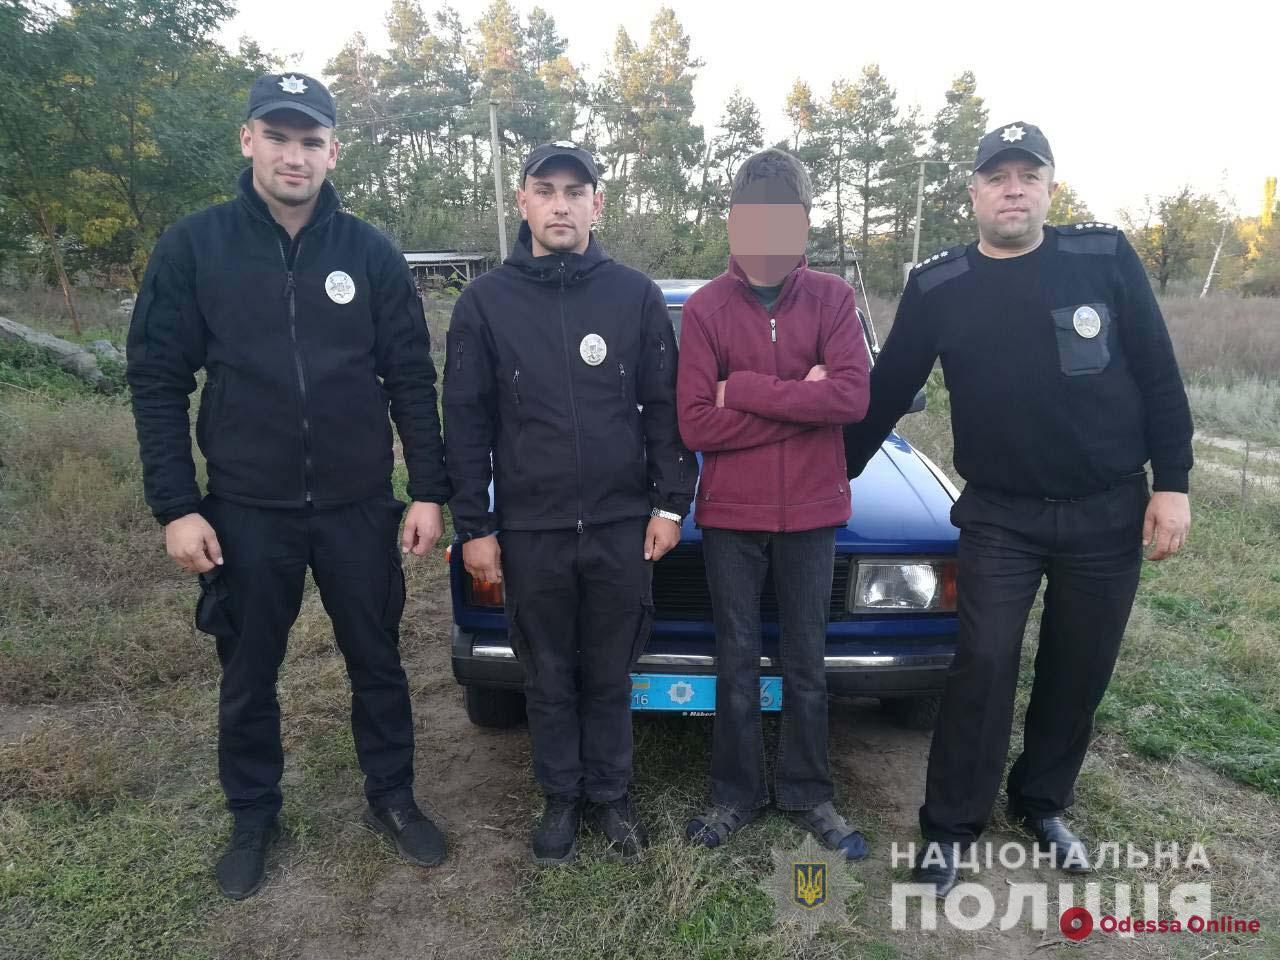 Сбежавшего подростка из Одесской области нашли в Киеве